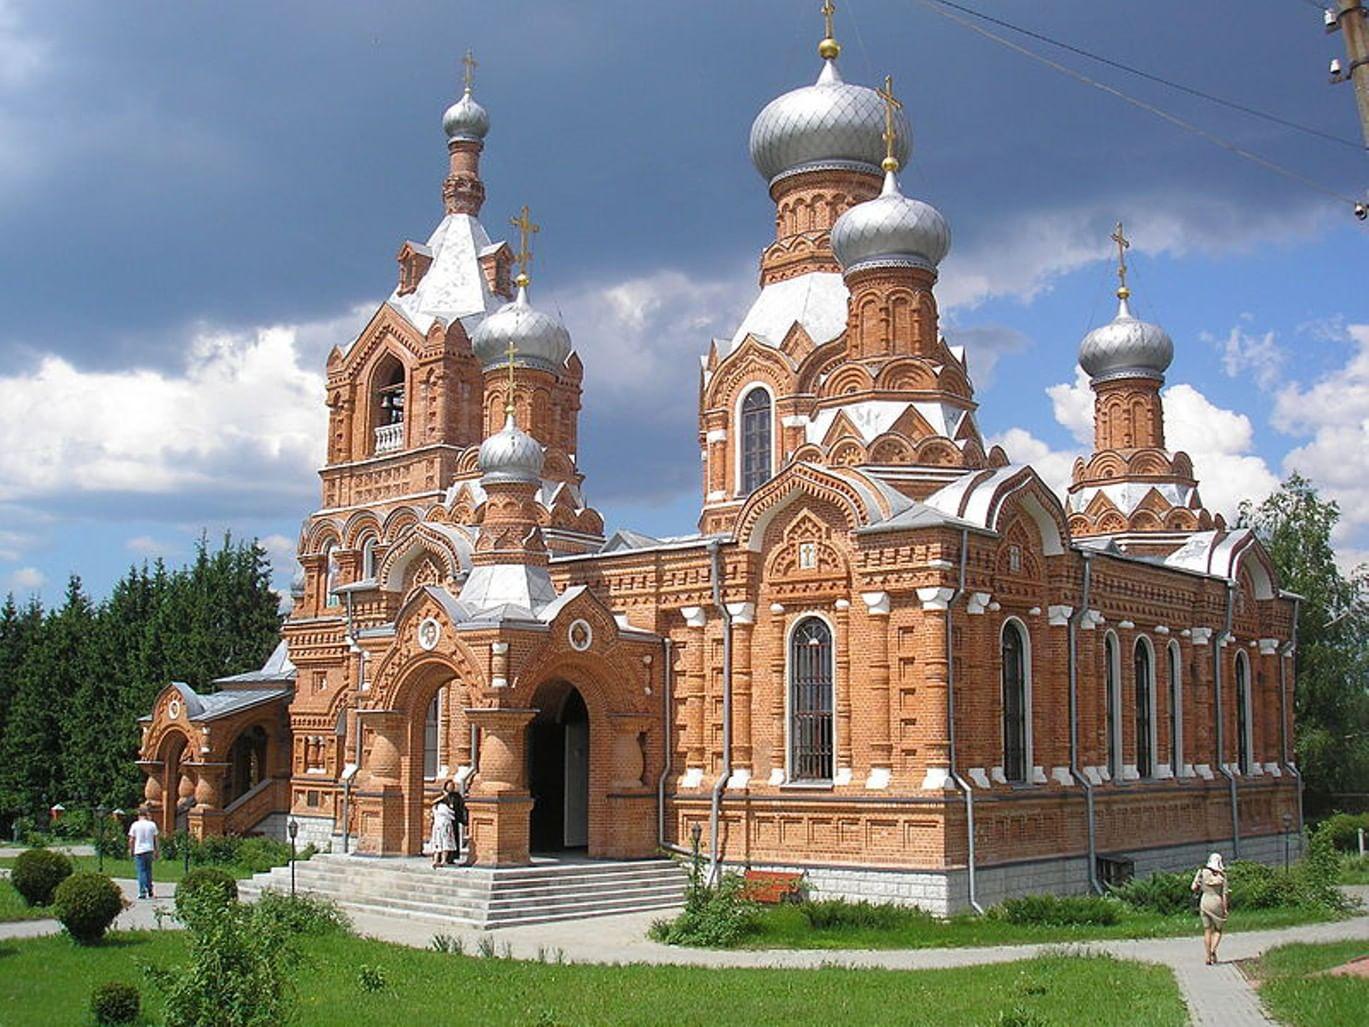 Яблочко от яблоньки: российские архитектурные династии. Галерея 6. Шервуды